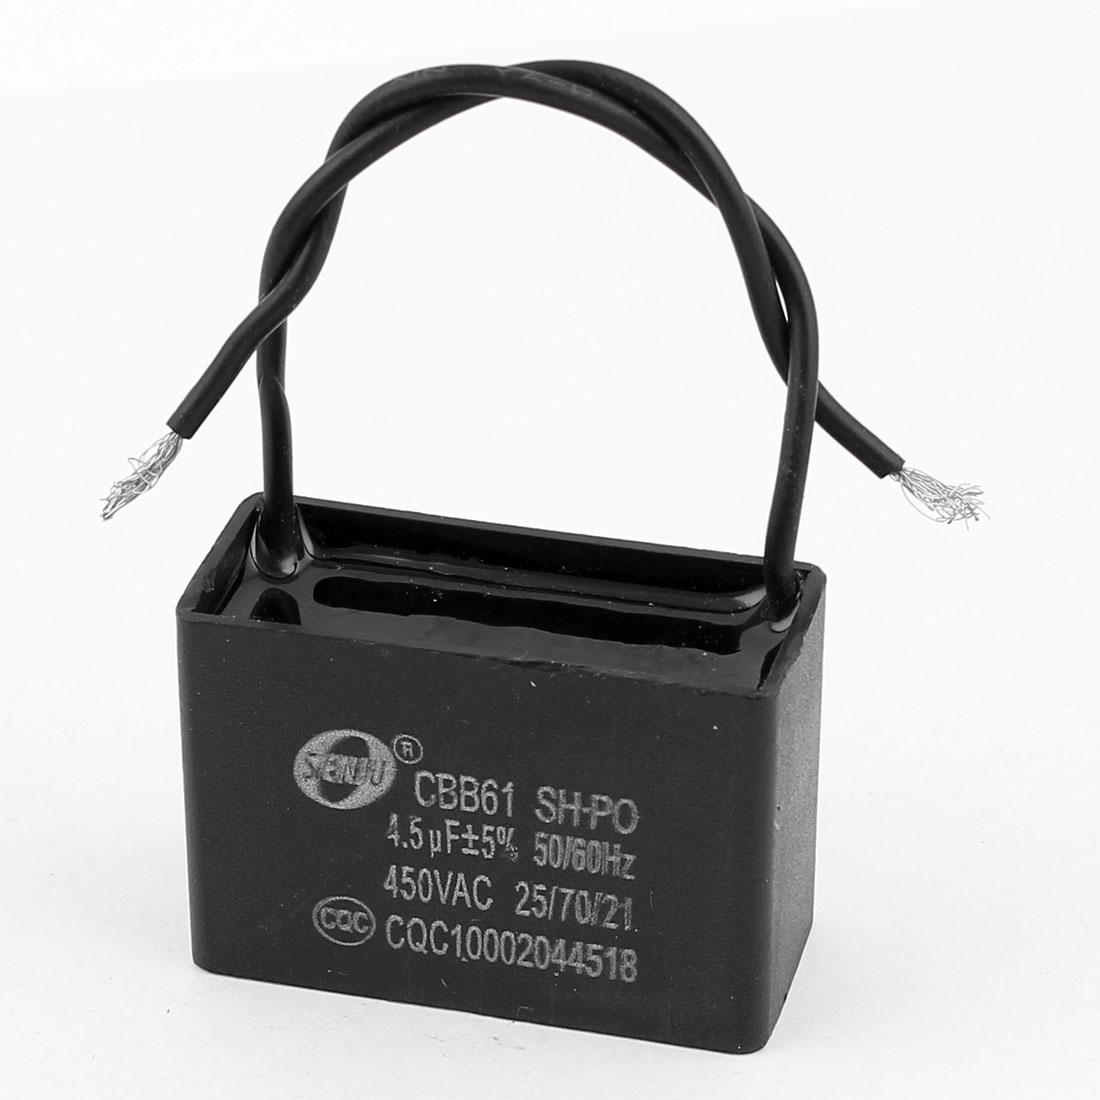 CBB61 AC 450V 4.5uF 5% Tolerance Square Polypropylene Film Capacitor